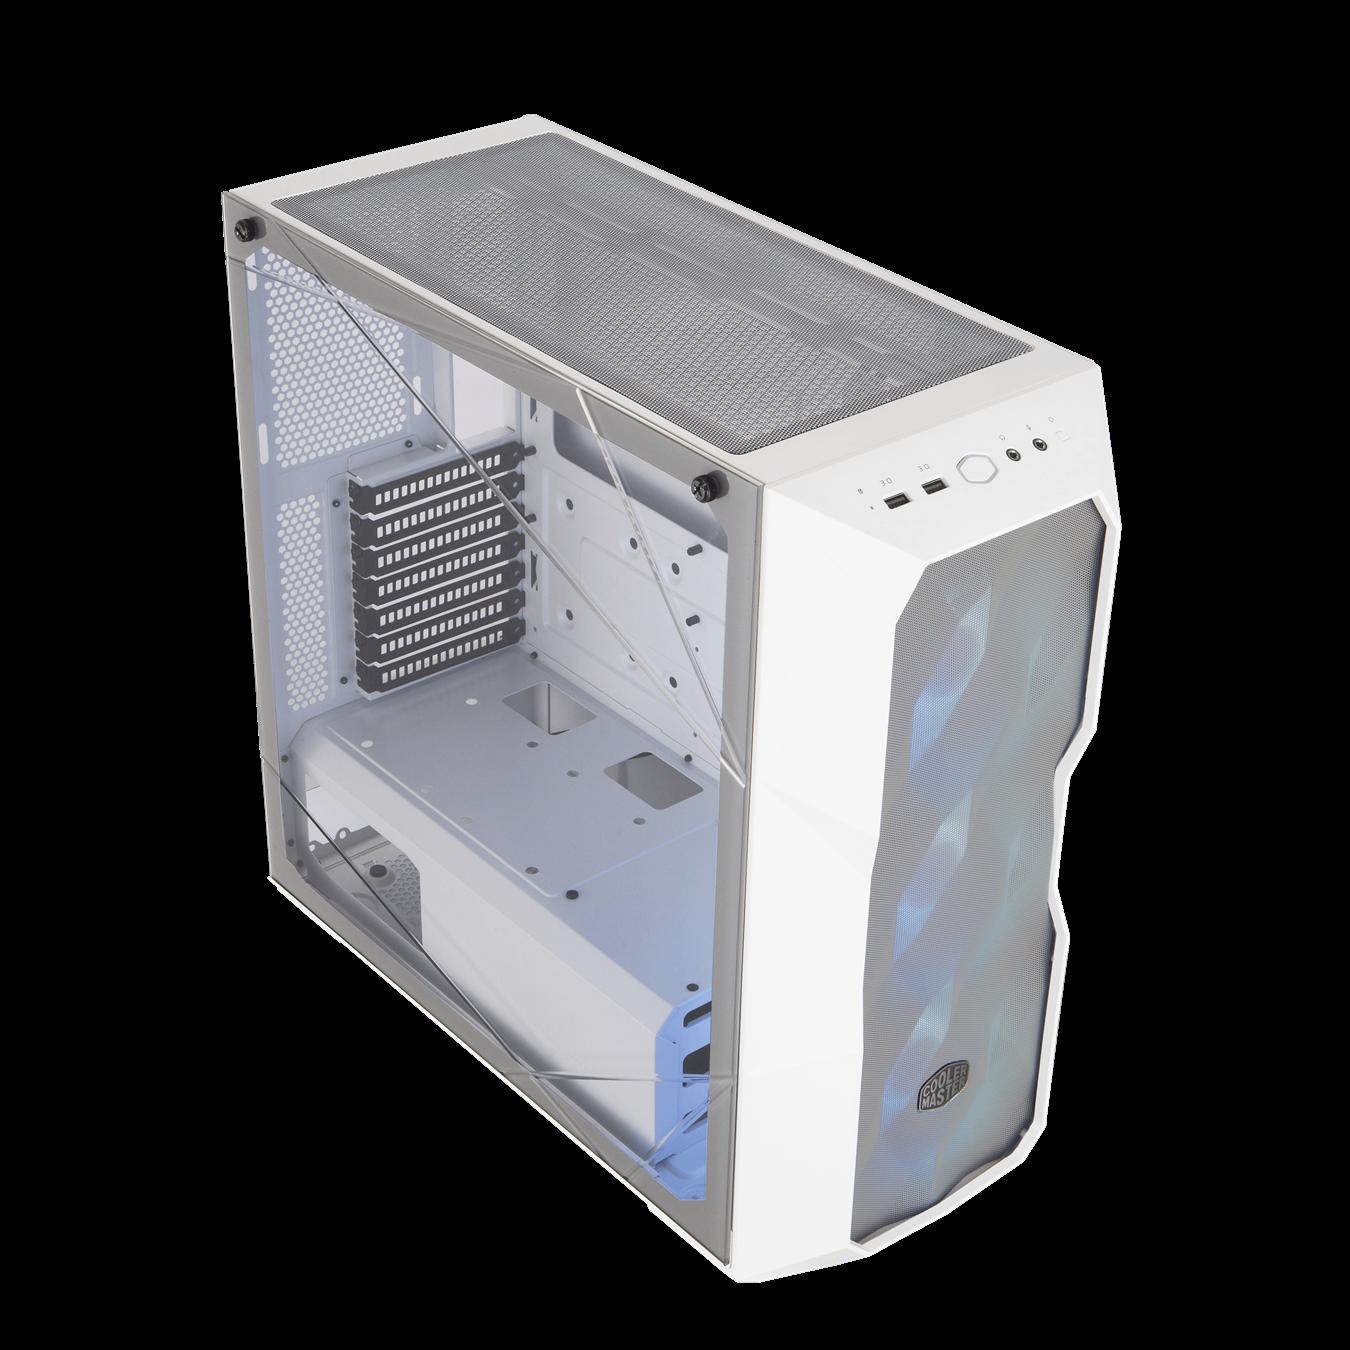 Boîtier d'ordinateur MasterBox TD500 Mesh CSE-MCB-D500D-WGNN-S01 avec contrôleur couleur Blanc de CoolMaster